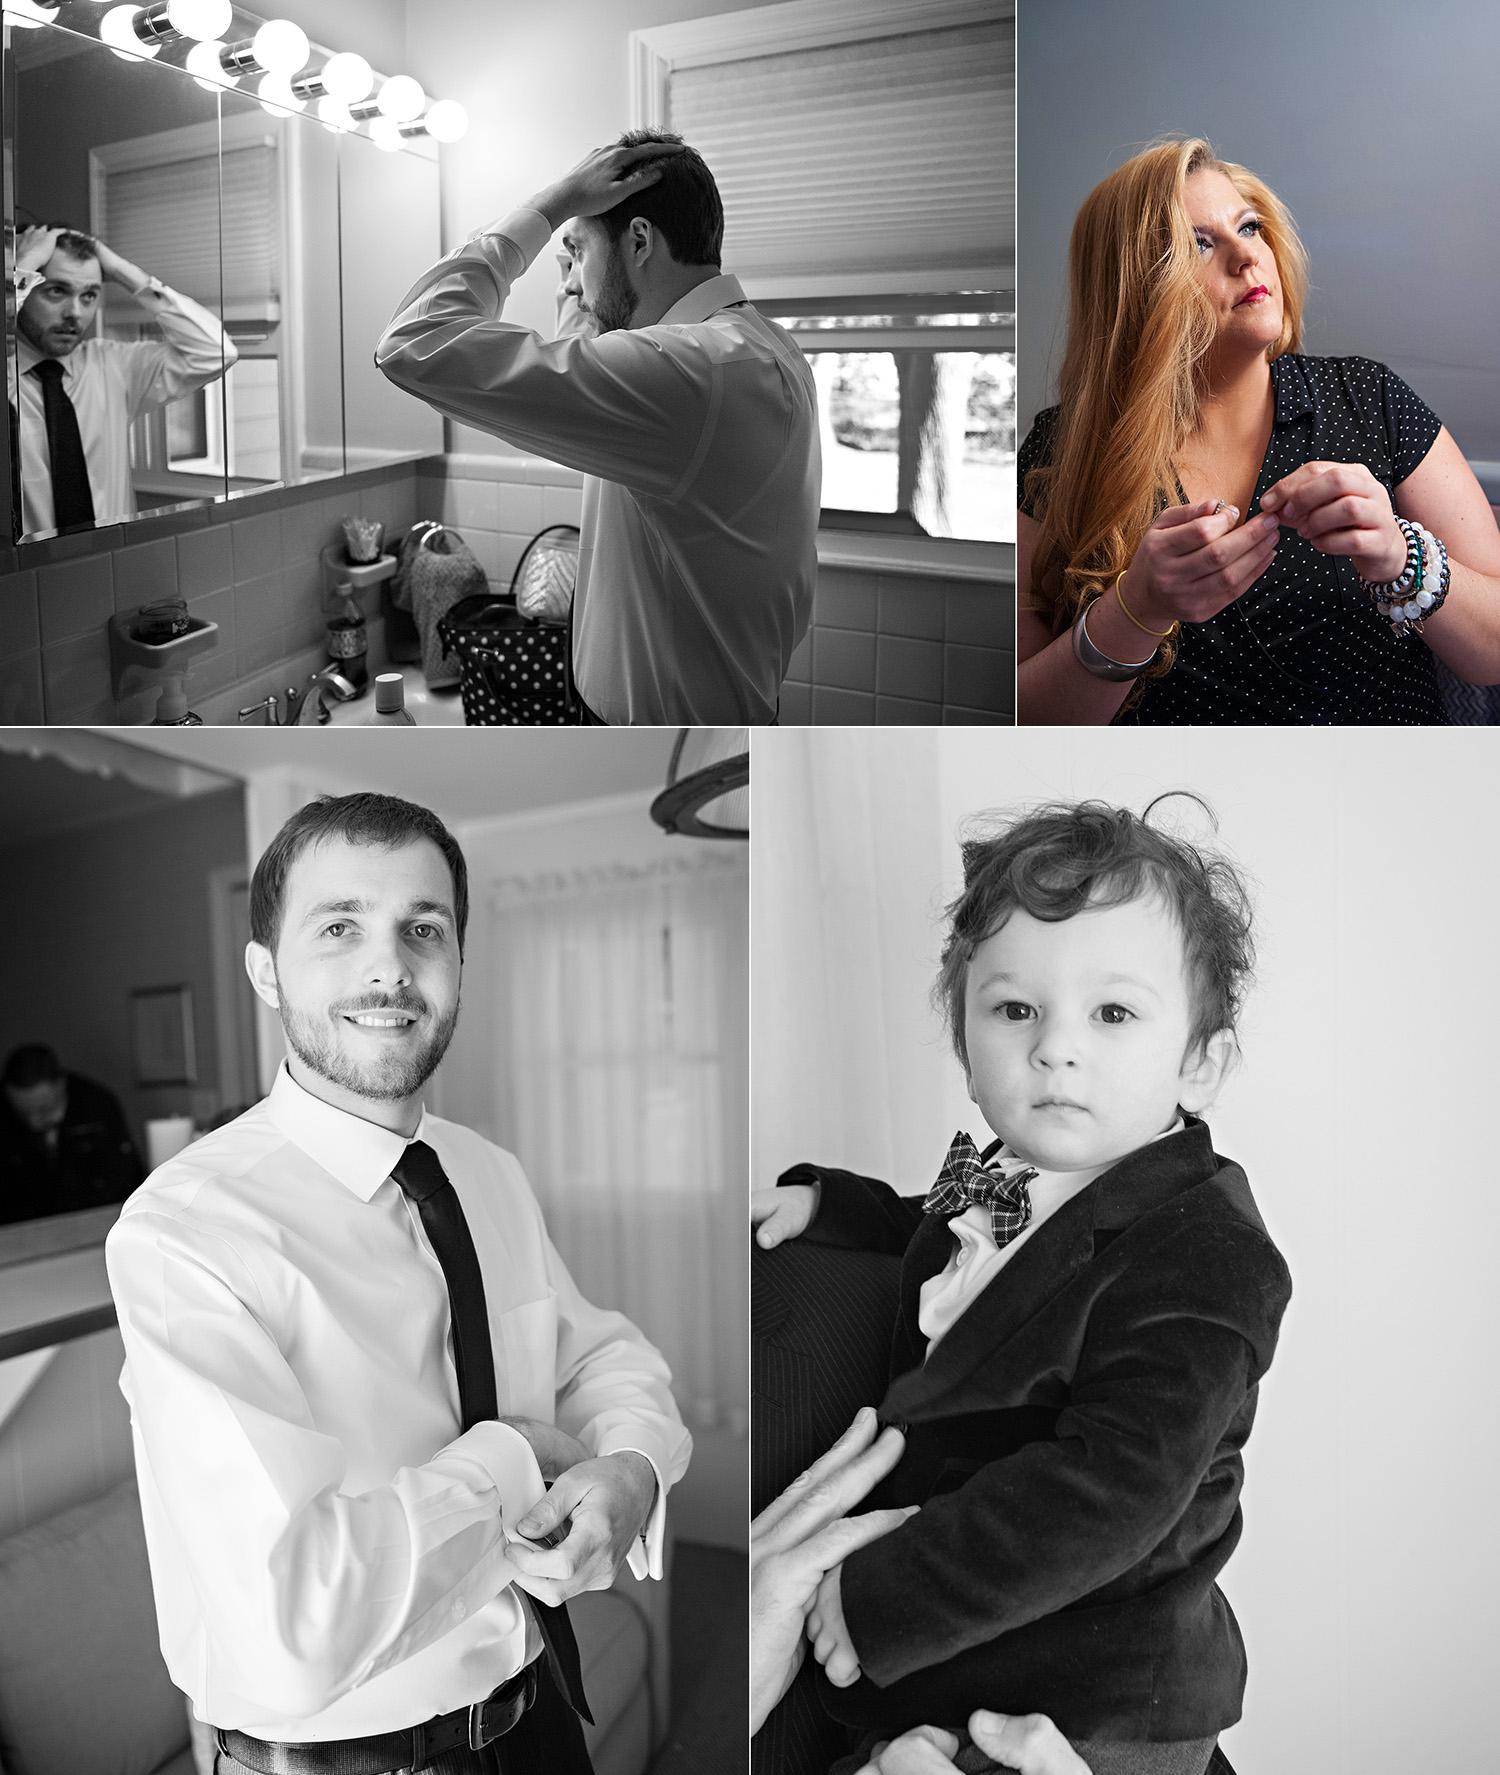 04_SRS_Photography_Sara_Stadtmiller_Asbury_Park_Wedding_Photography_NJ_Wedding_Photographer_Monmouth_County_Wedding_Photographer_Home_Wedding_DIY_Wedding